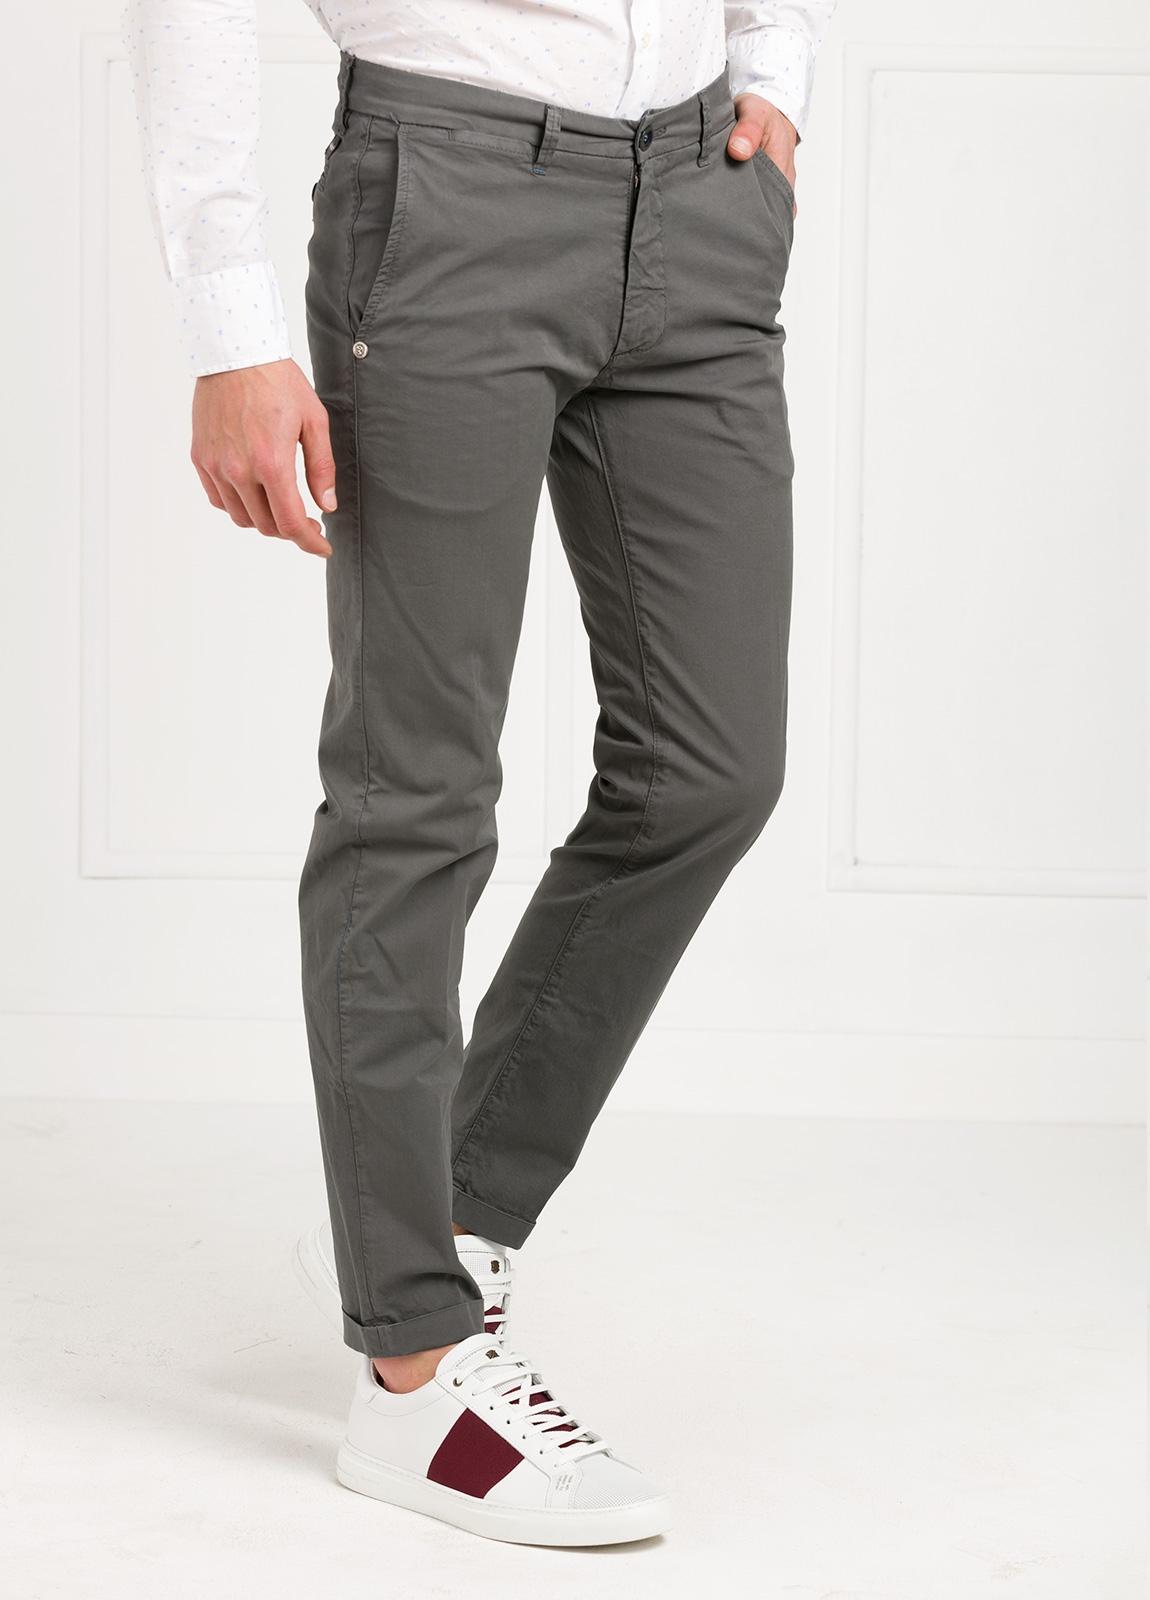 Pantalón sport modelo MUCHA P 249 color gris. Algodón y elastáno. - Ítem1